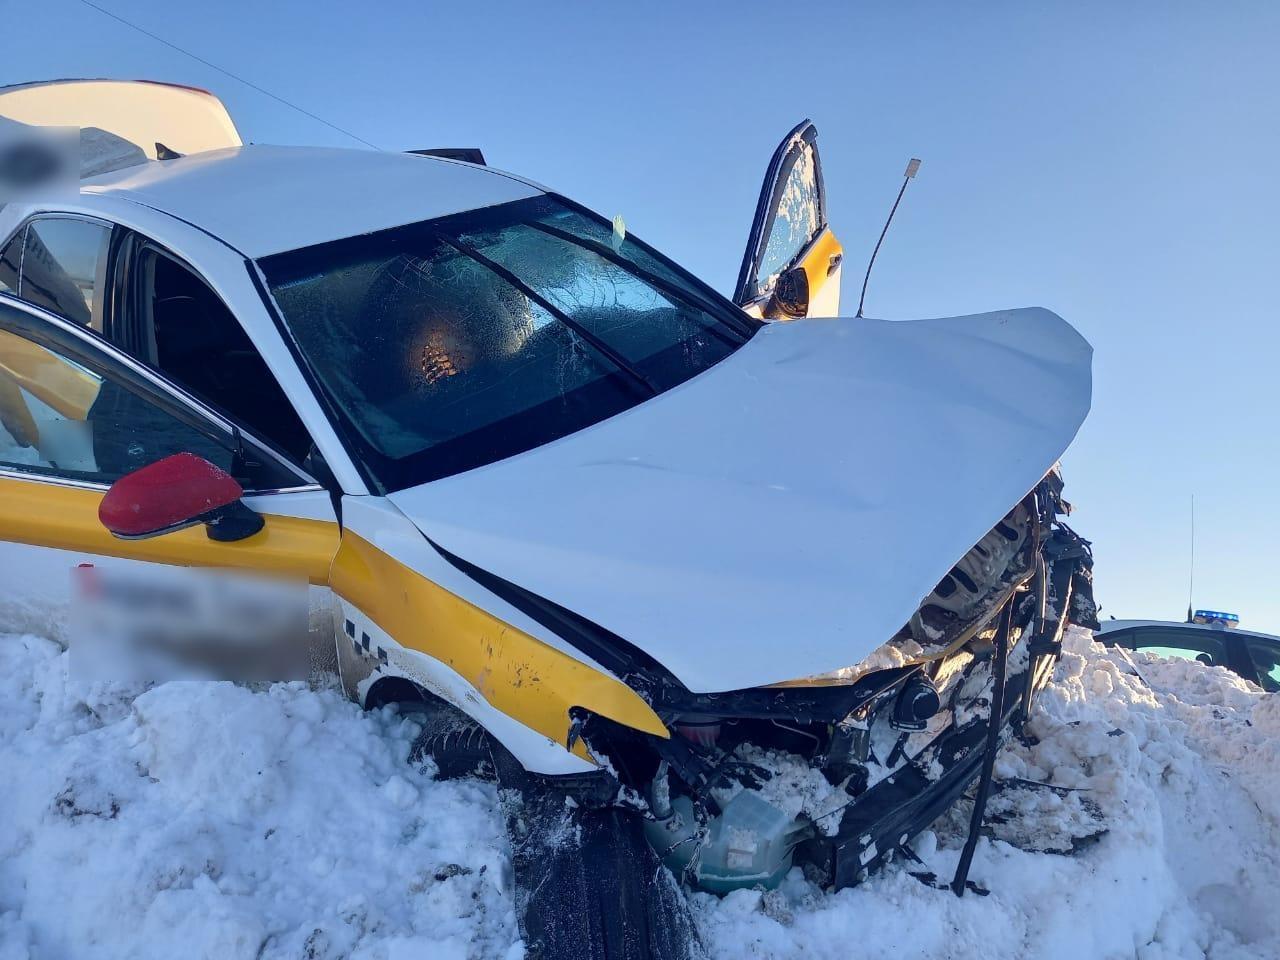 На трассе под Тверью по вине пьяного таксиста травмы в ДТП получили два человека - новости Афанасий